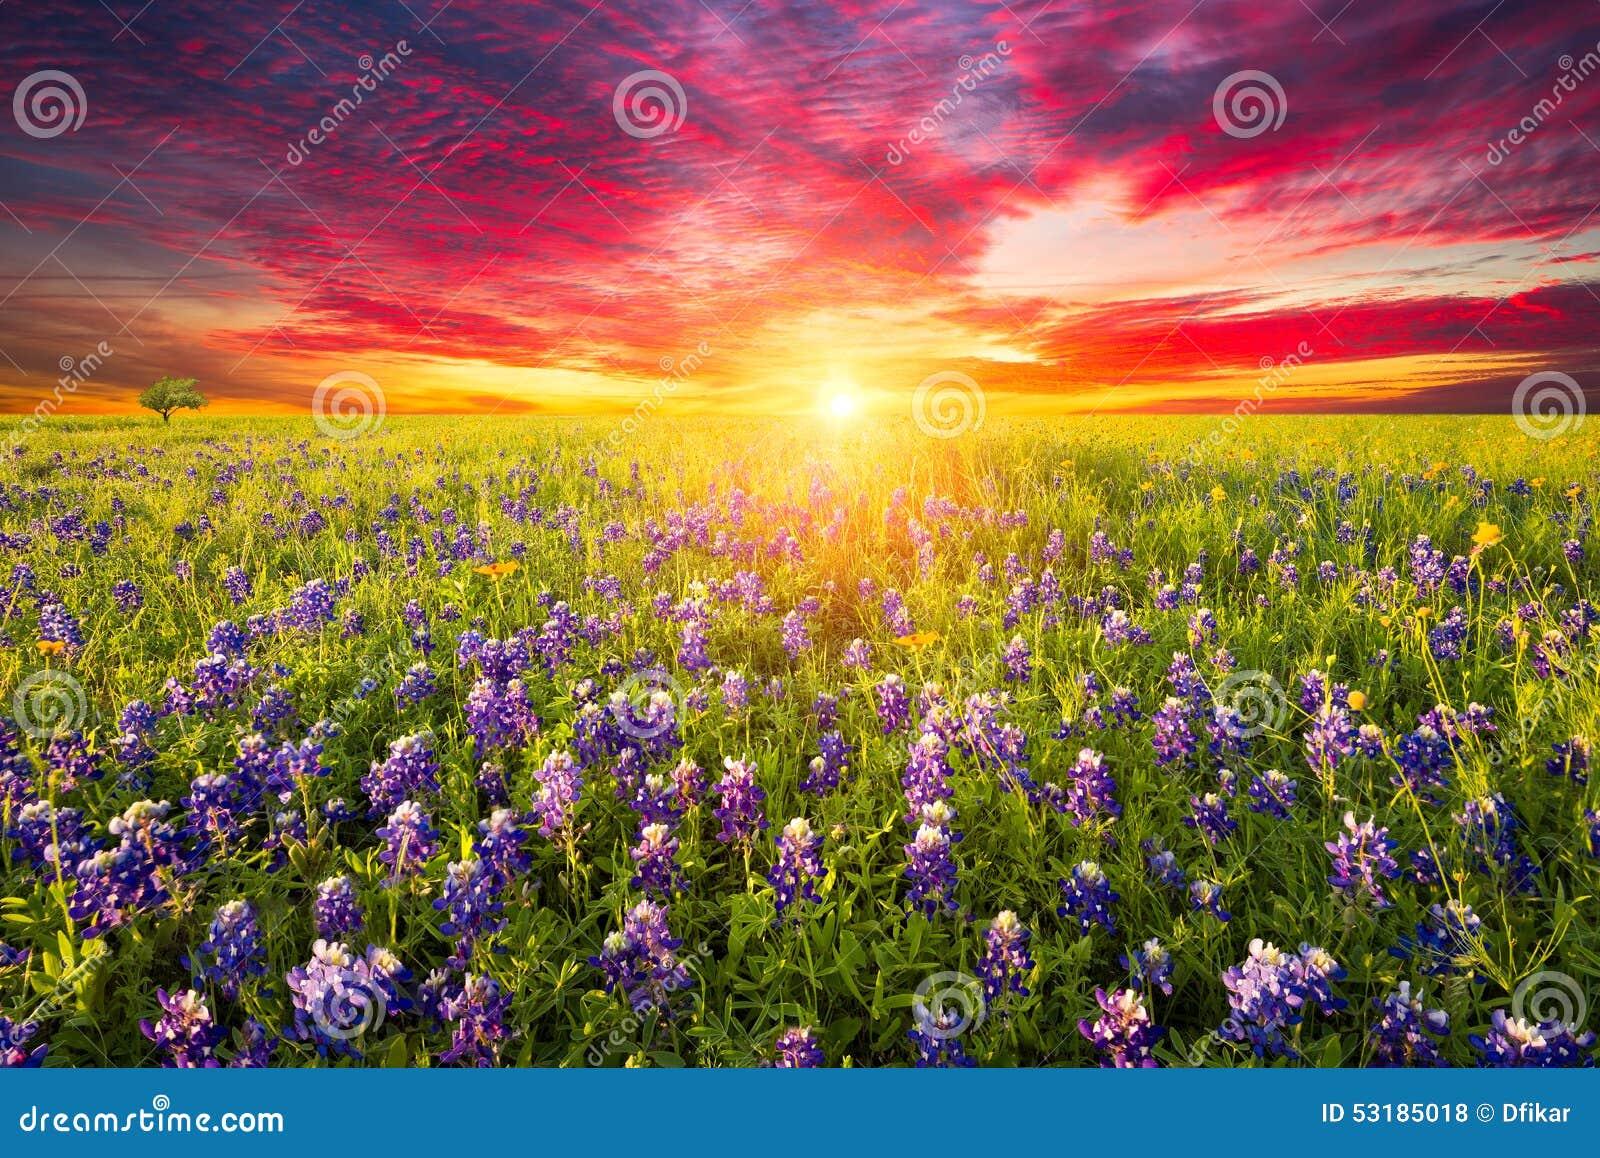 Teksas Wildflowers